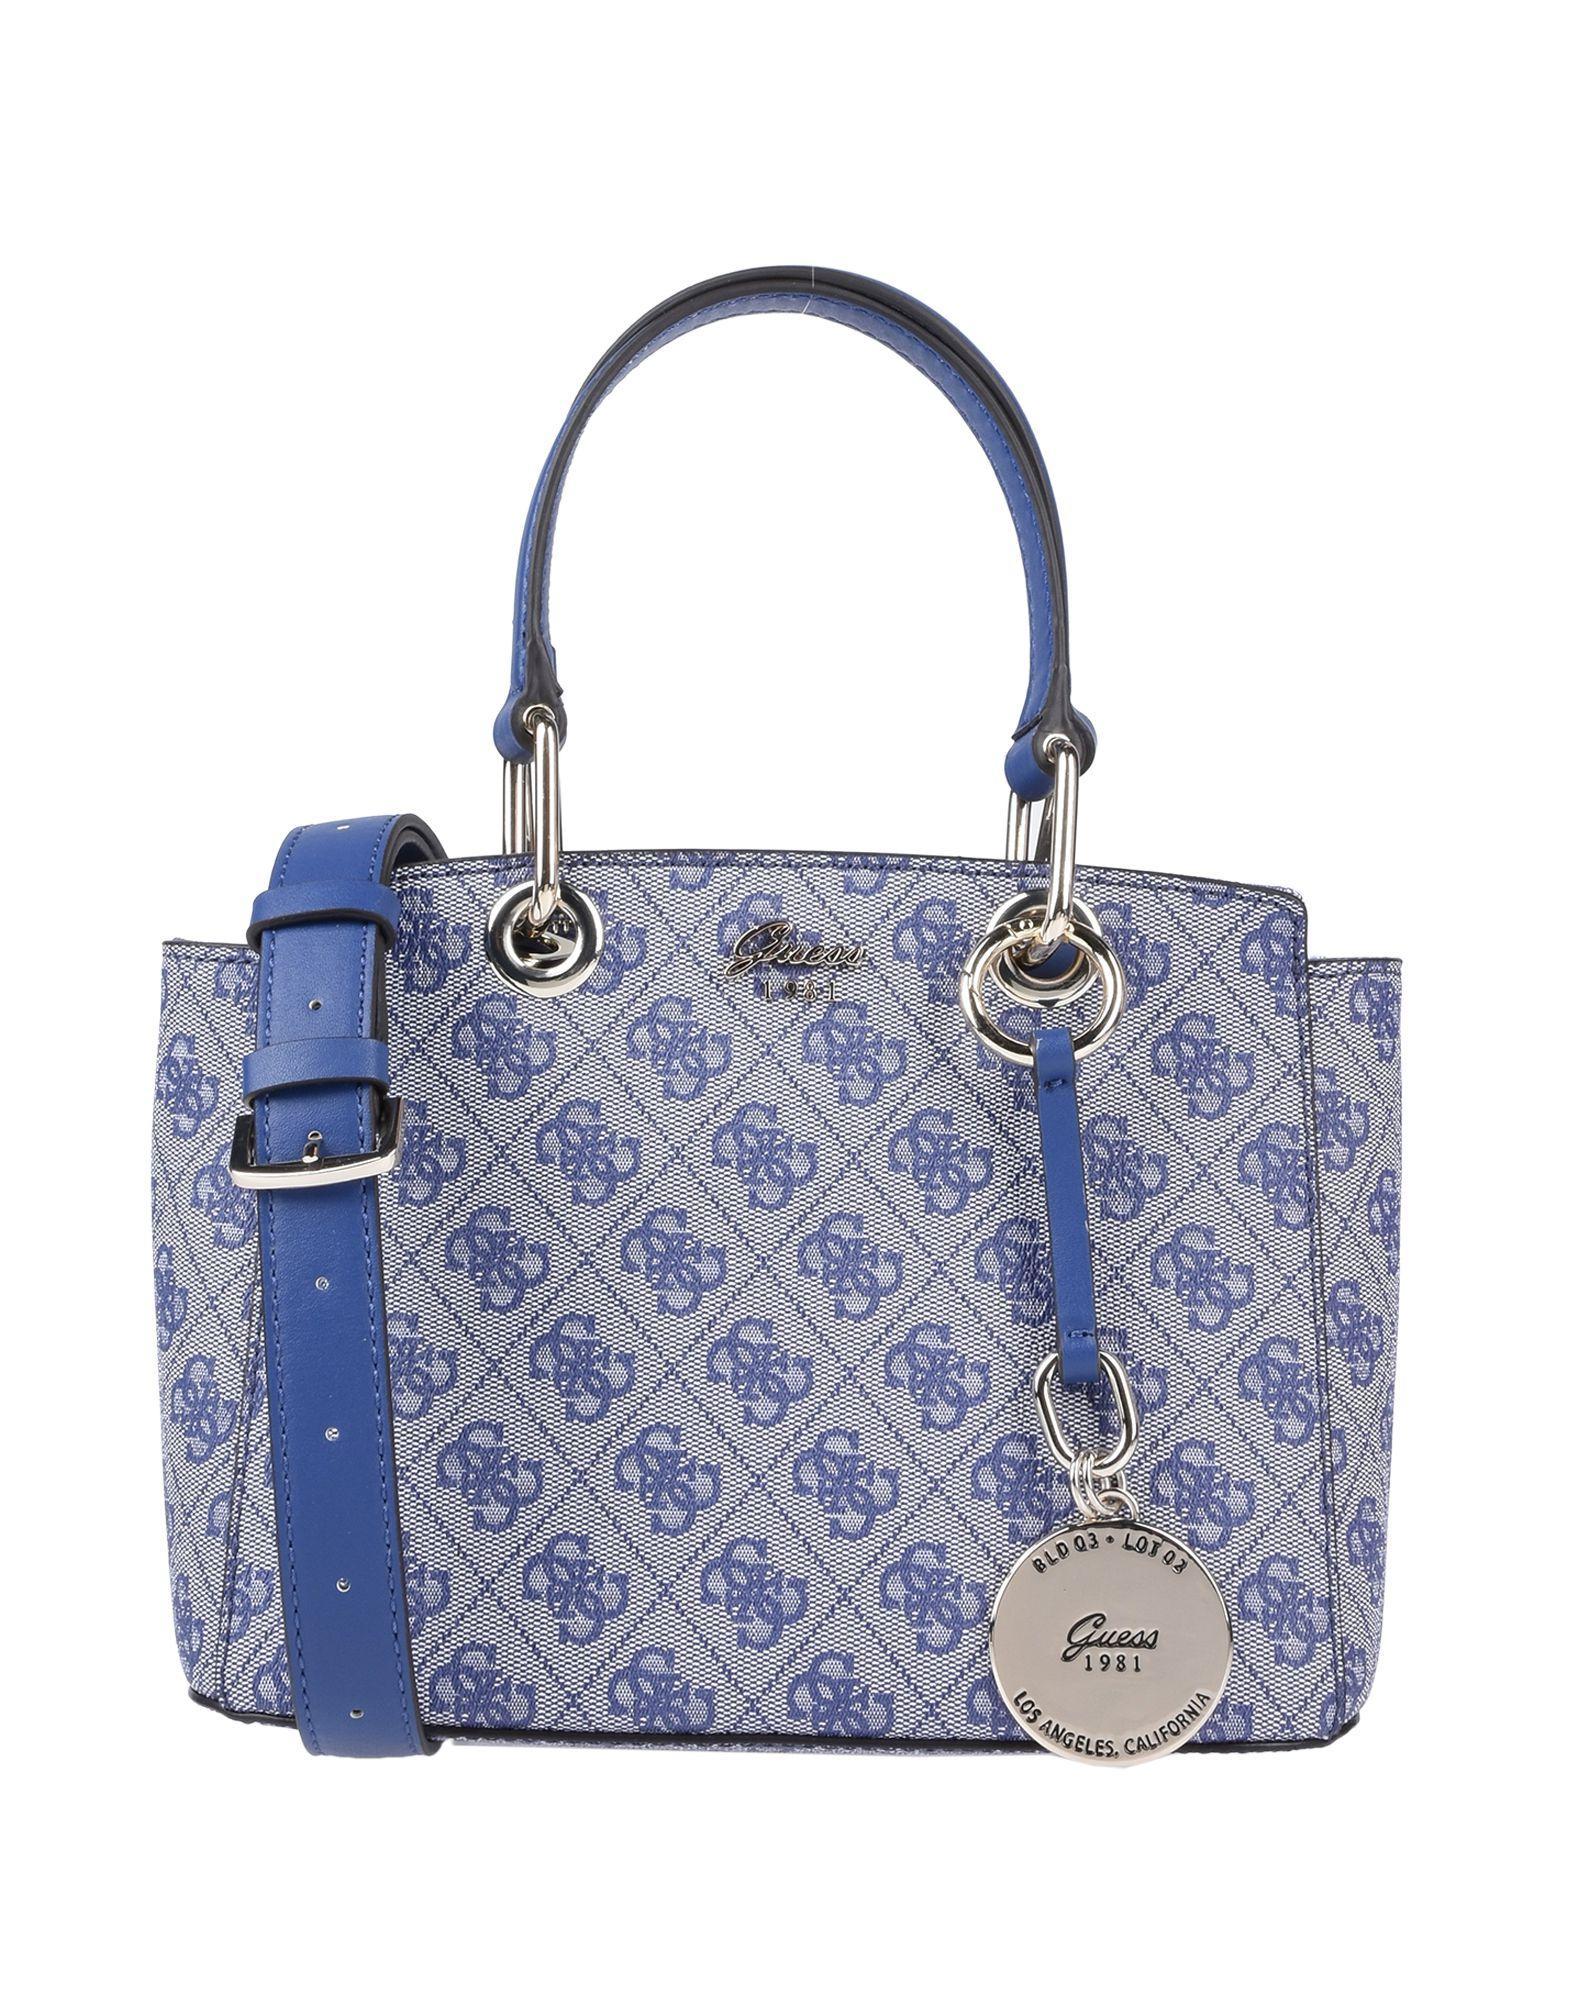 44a89126ea19 Женские сумки синего цвета Guess купить в интернет магазине ...